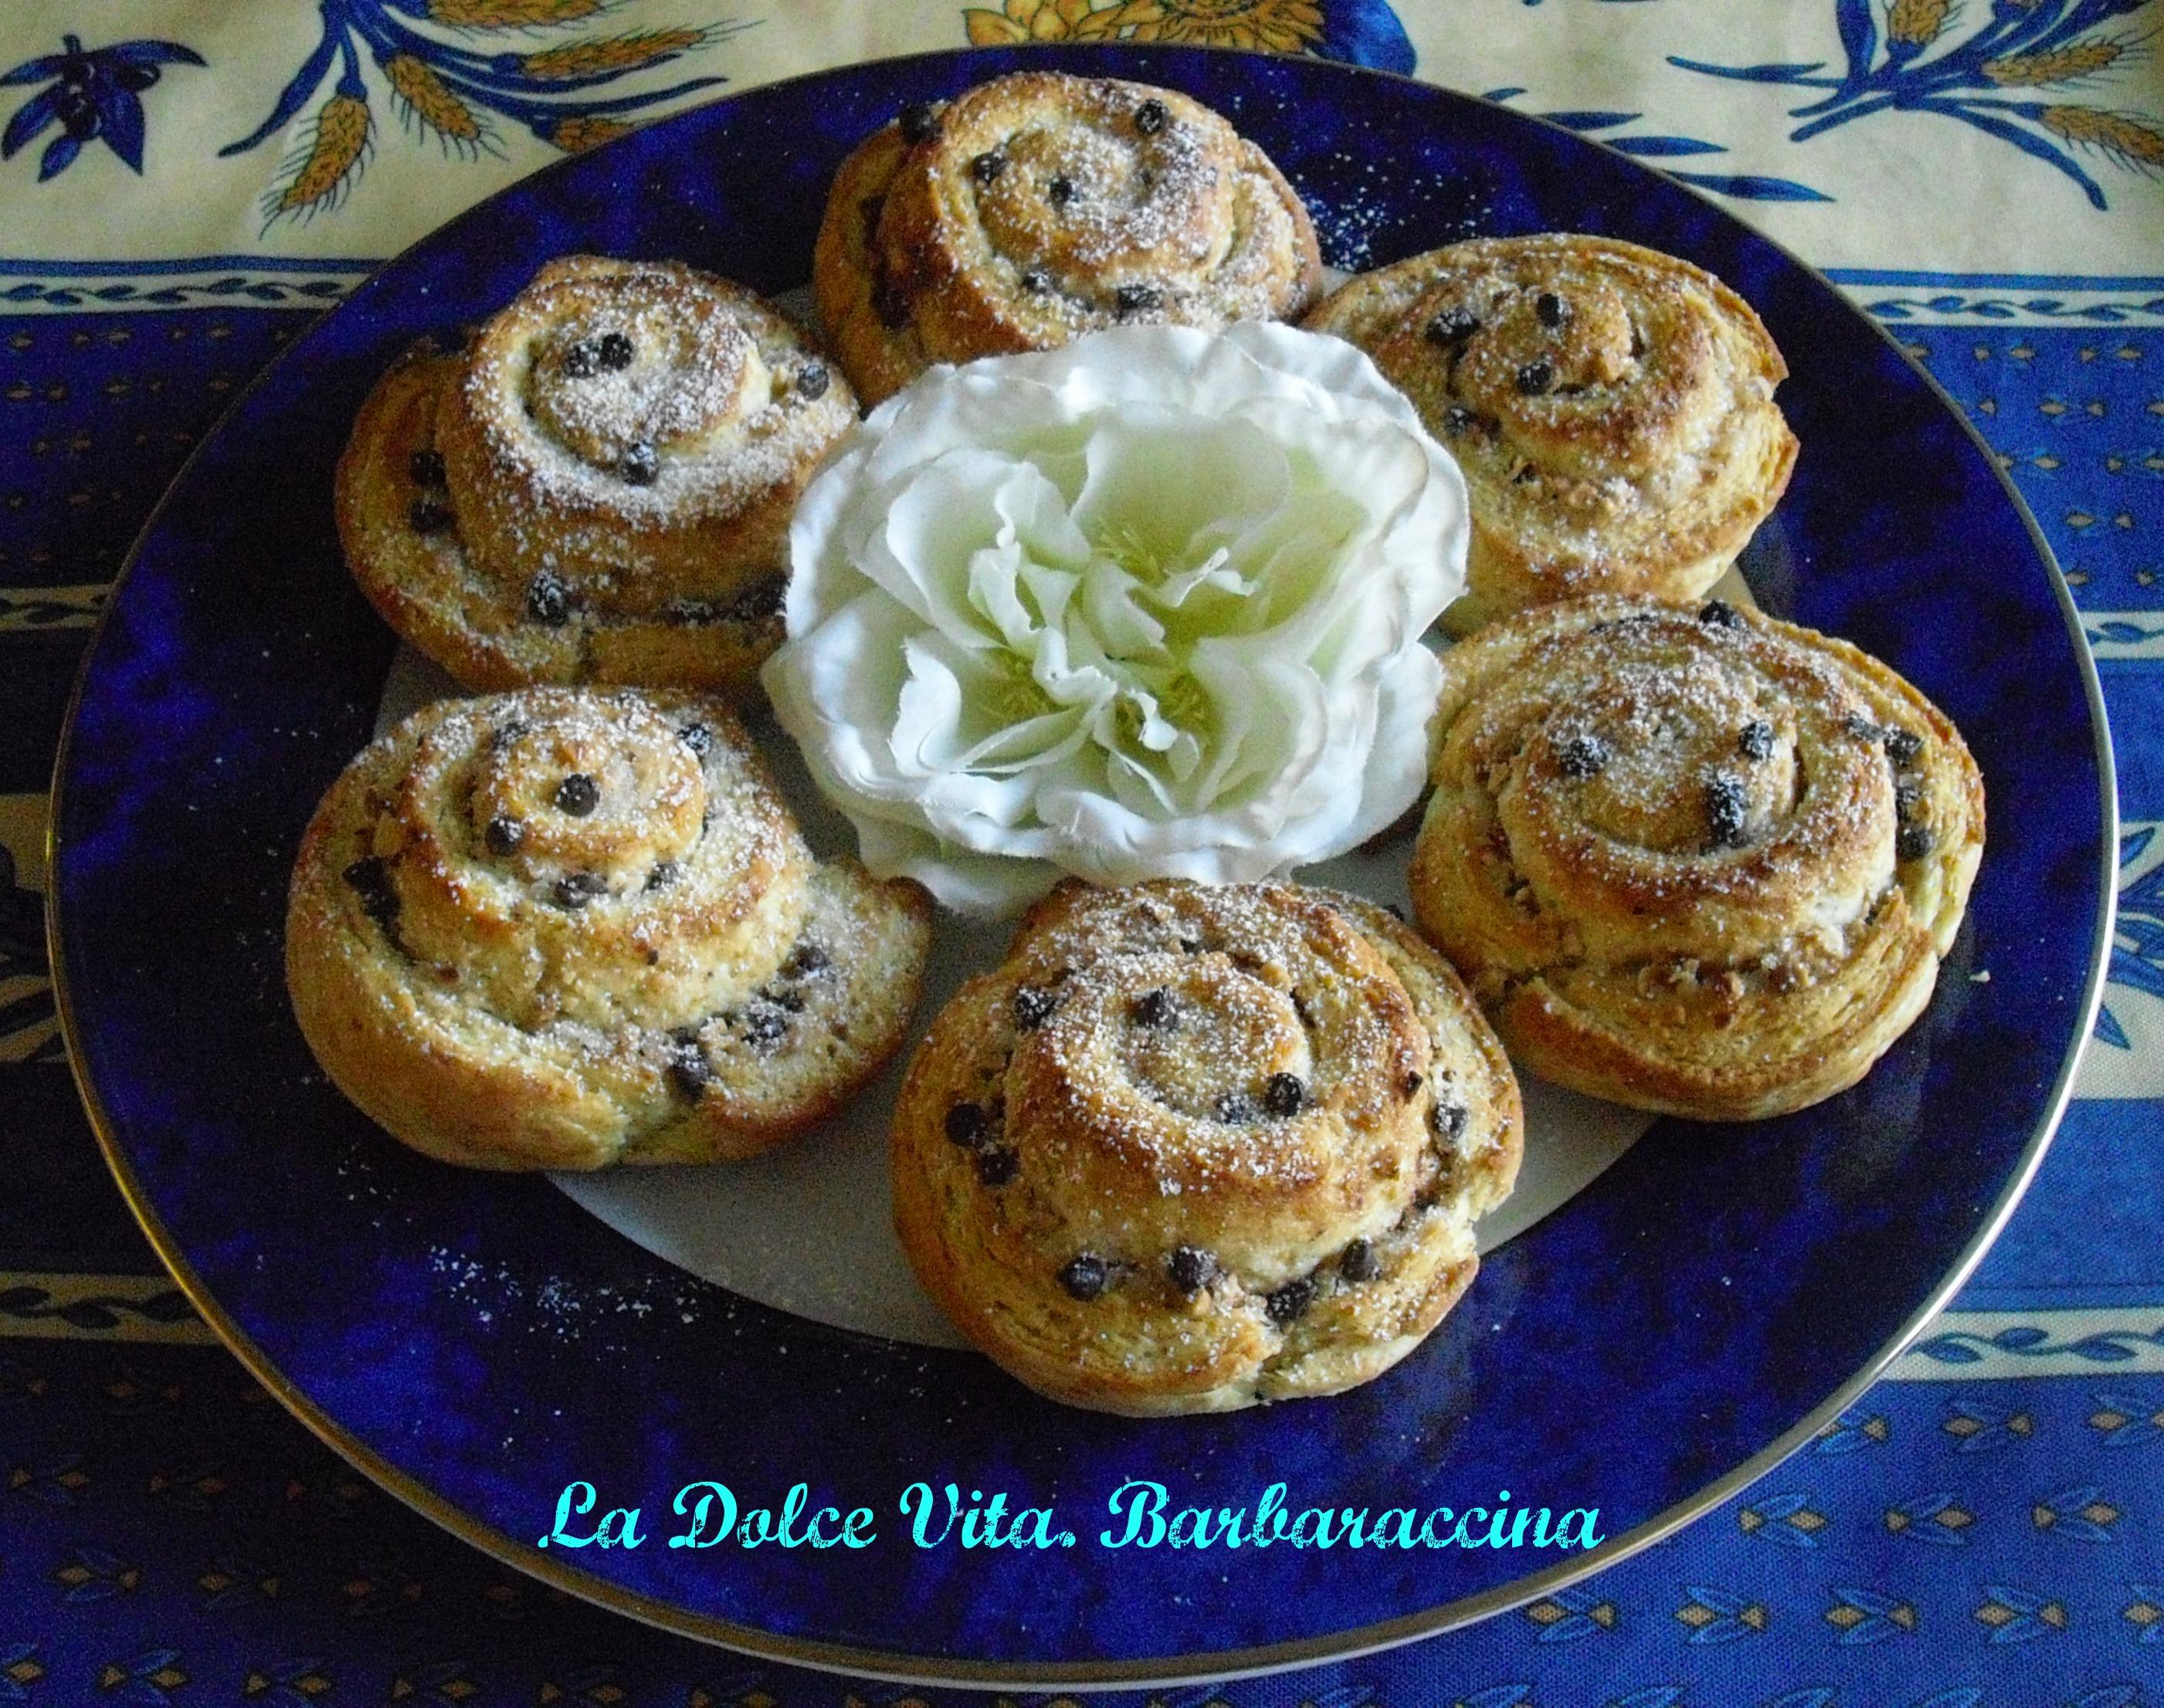 Ricerca ricette con girelle alla nutella e cioccolato - Cucina fanpage ricette ...